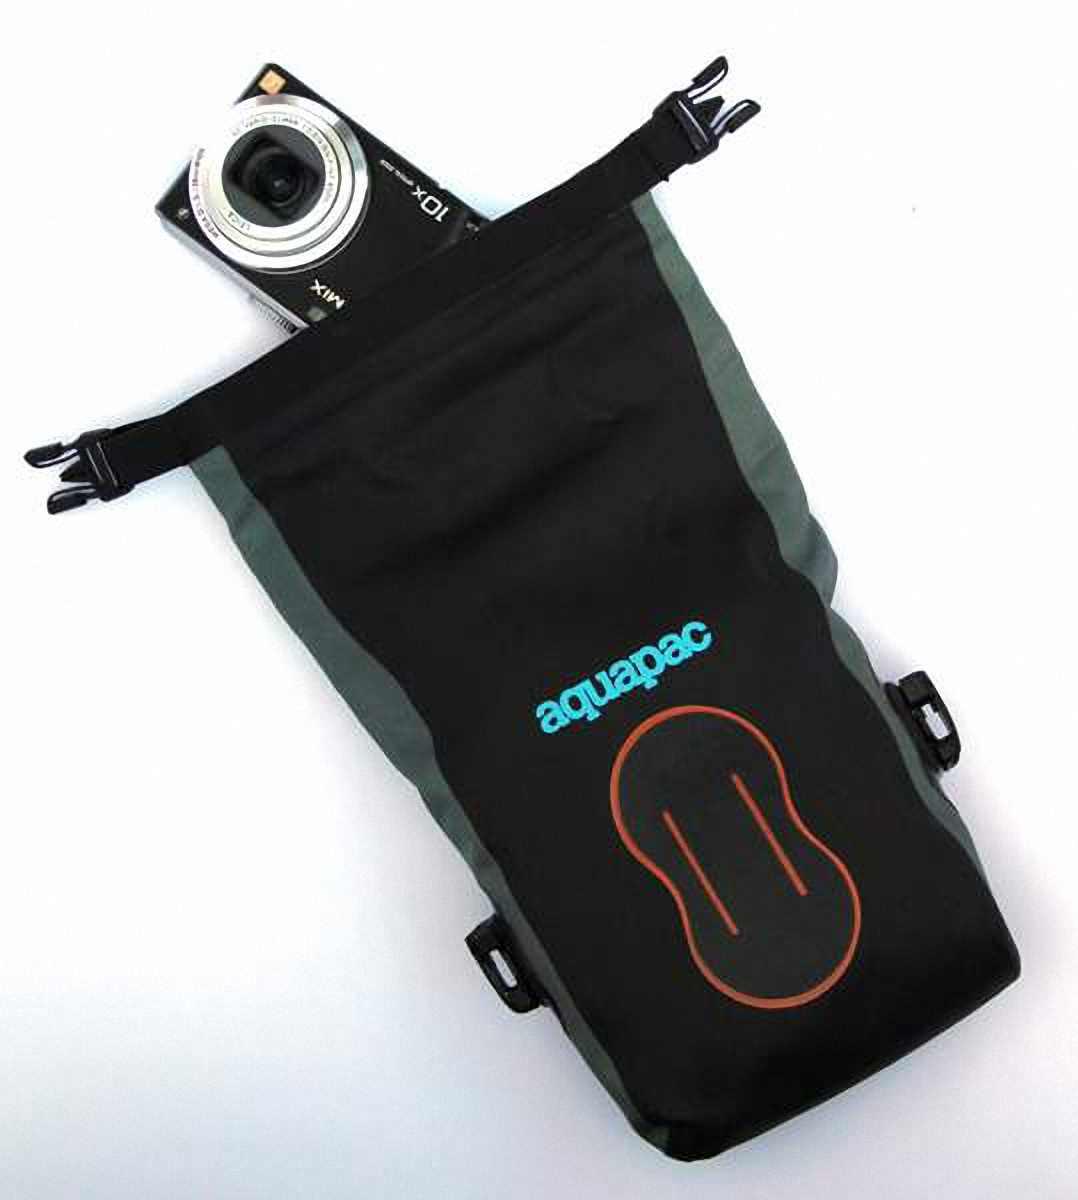 Водонепроницаемый чехол для фотоаппарата - Aquapac 020. Aquapac - №1 в мире водонепроницаемых чехлов и сумок. Фото 2